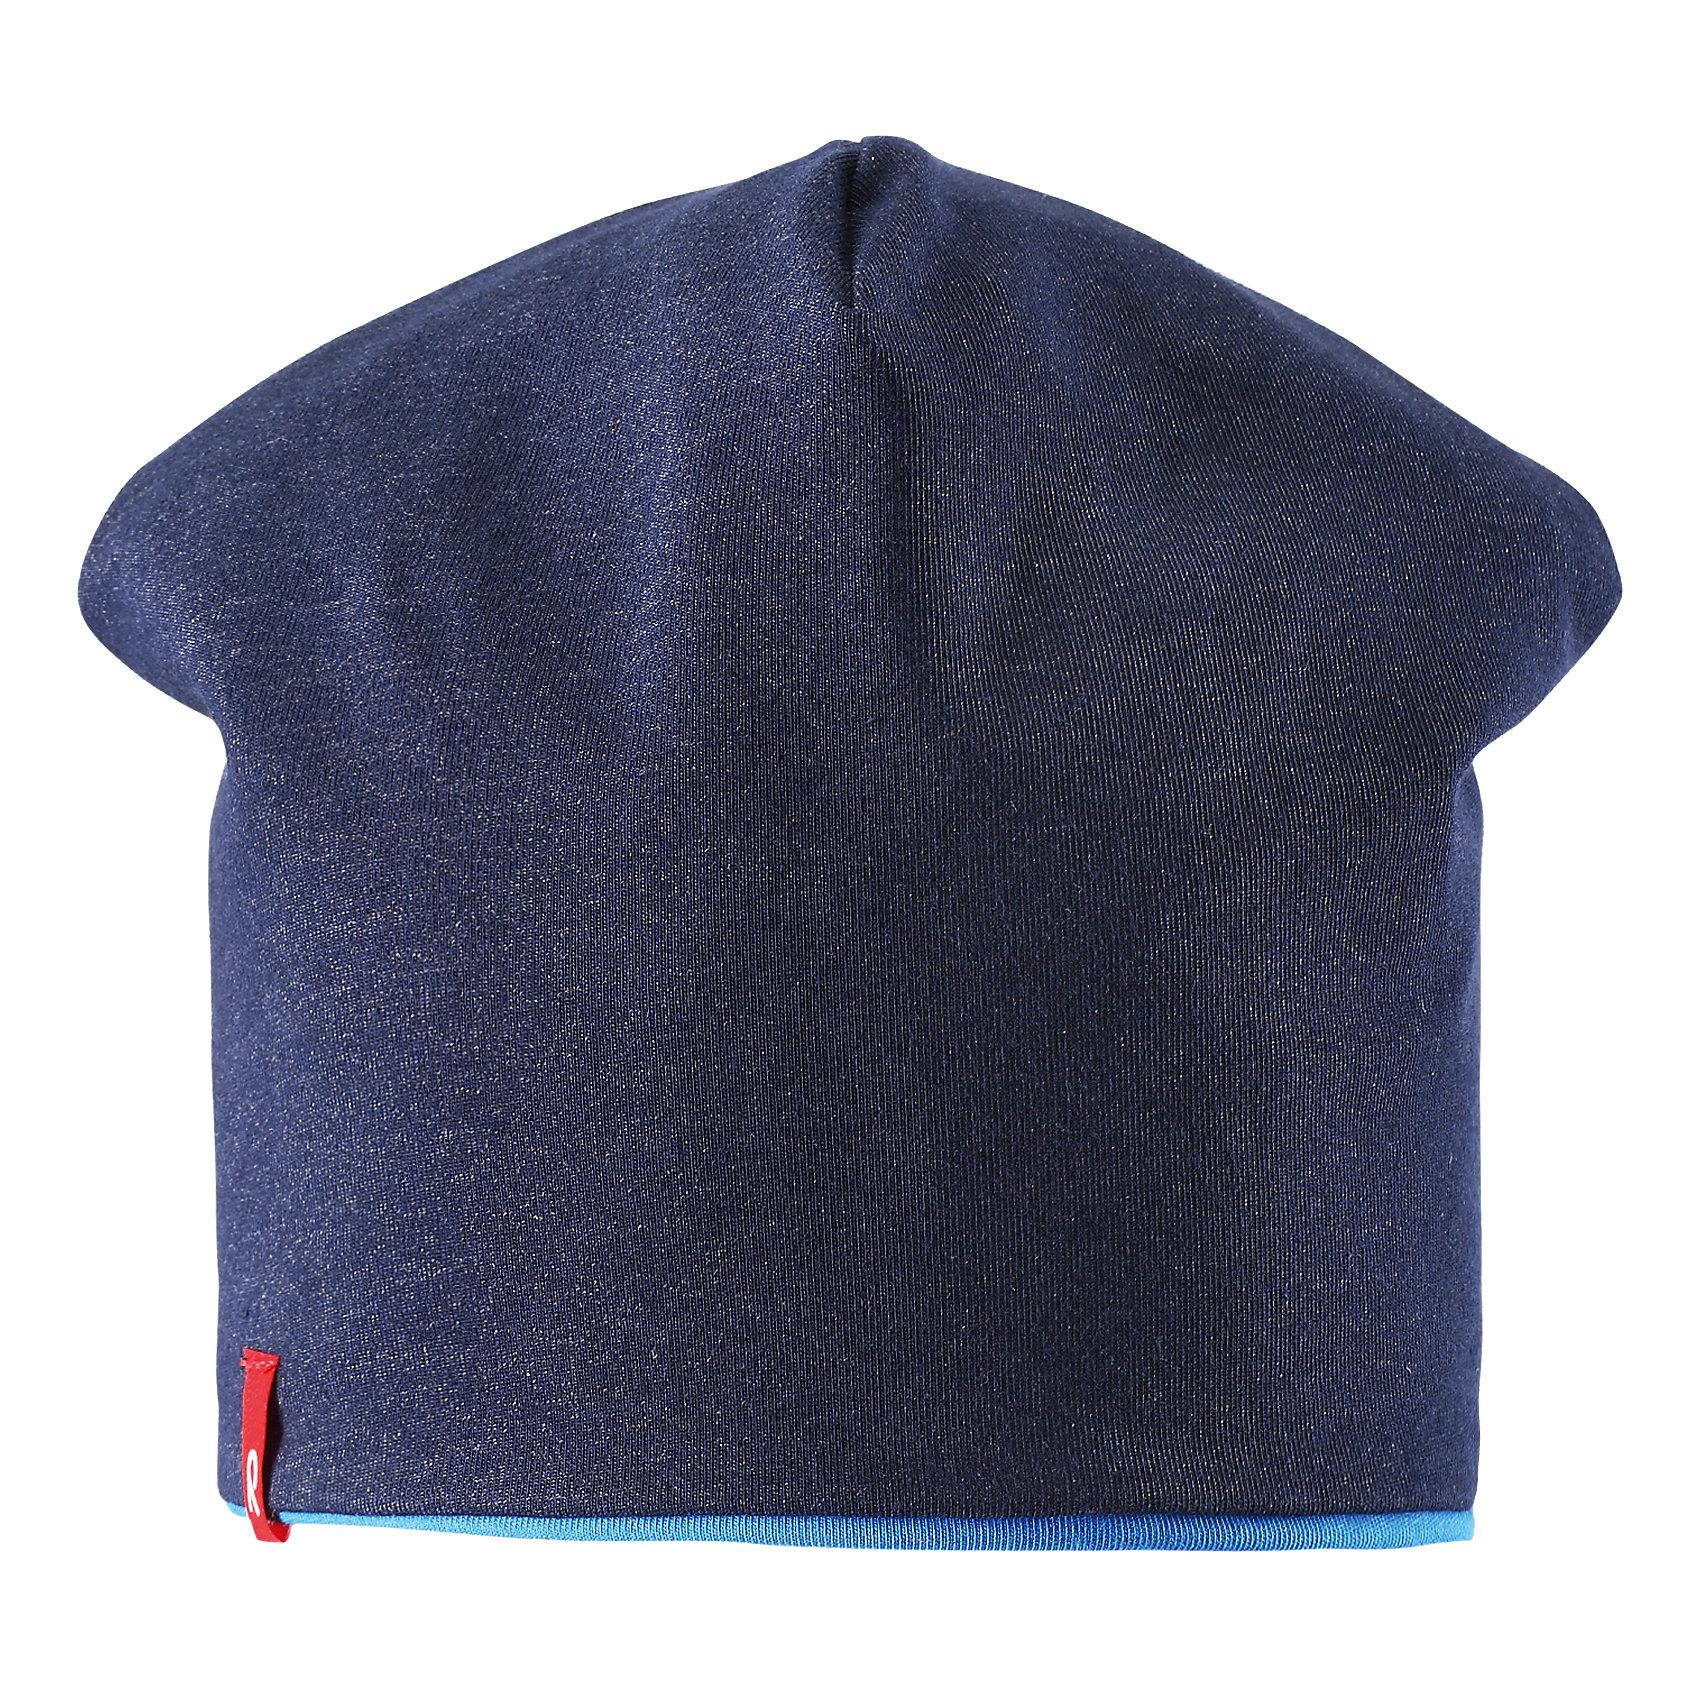 Шапка для мальчика ReimaЭта яркая шапочка свежей расцветки для малышей и детей постарше идеально подойдет для веселых весенних приключений! Она изготовлена из простого в уходе и быстросохнущего материла Play Jersey®, эффективно выводящего влагу с кожи во время подвижных игр на свежем воздухе. Обратите внимание, что она имеет УФ-защиту 40+. Стиля много не бывает! Озорная двухсторонняя шапочка в одно мгновение превращается из полосатой в однотонную! <br><br>Дополнительная информация:<br><br>Двухсторонняя шапка «Бини» для детей и малышей<br>Быстросохнущий материал Play Jersey, приятный на ощупь<br>Фактор защиты от ультрафиолета 40+<br>Двухсторонняя модель<br>Сплошная подкладка: отводящий влагу материал Play Jersey<br>Логотип Reima® спереди<br>Состав:<br>65% ХЛ 30% ПЭ 5% ЭЛ<br>Уход:<br>Стирать с бельем одинакового цвета, вывернув наизнанку. Полоскать без специального средства. Придать первоначальную форму вo влажном виде.<br><br>Ширина мм: 89<br>Глубина мм: 117<br>Высота мм: 44<br>Вес г: 155<br>Цвет: голубой<br>Возраст от месяцев: 9<br>Возраст до месяцев: 12<br>Пол: Мужской<br>Возраст: Детский<br>Размер: 46,48,54,56,52,50<br>SKU: 4498237